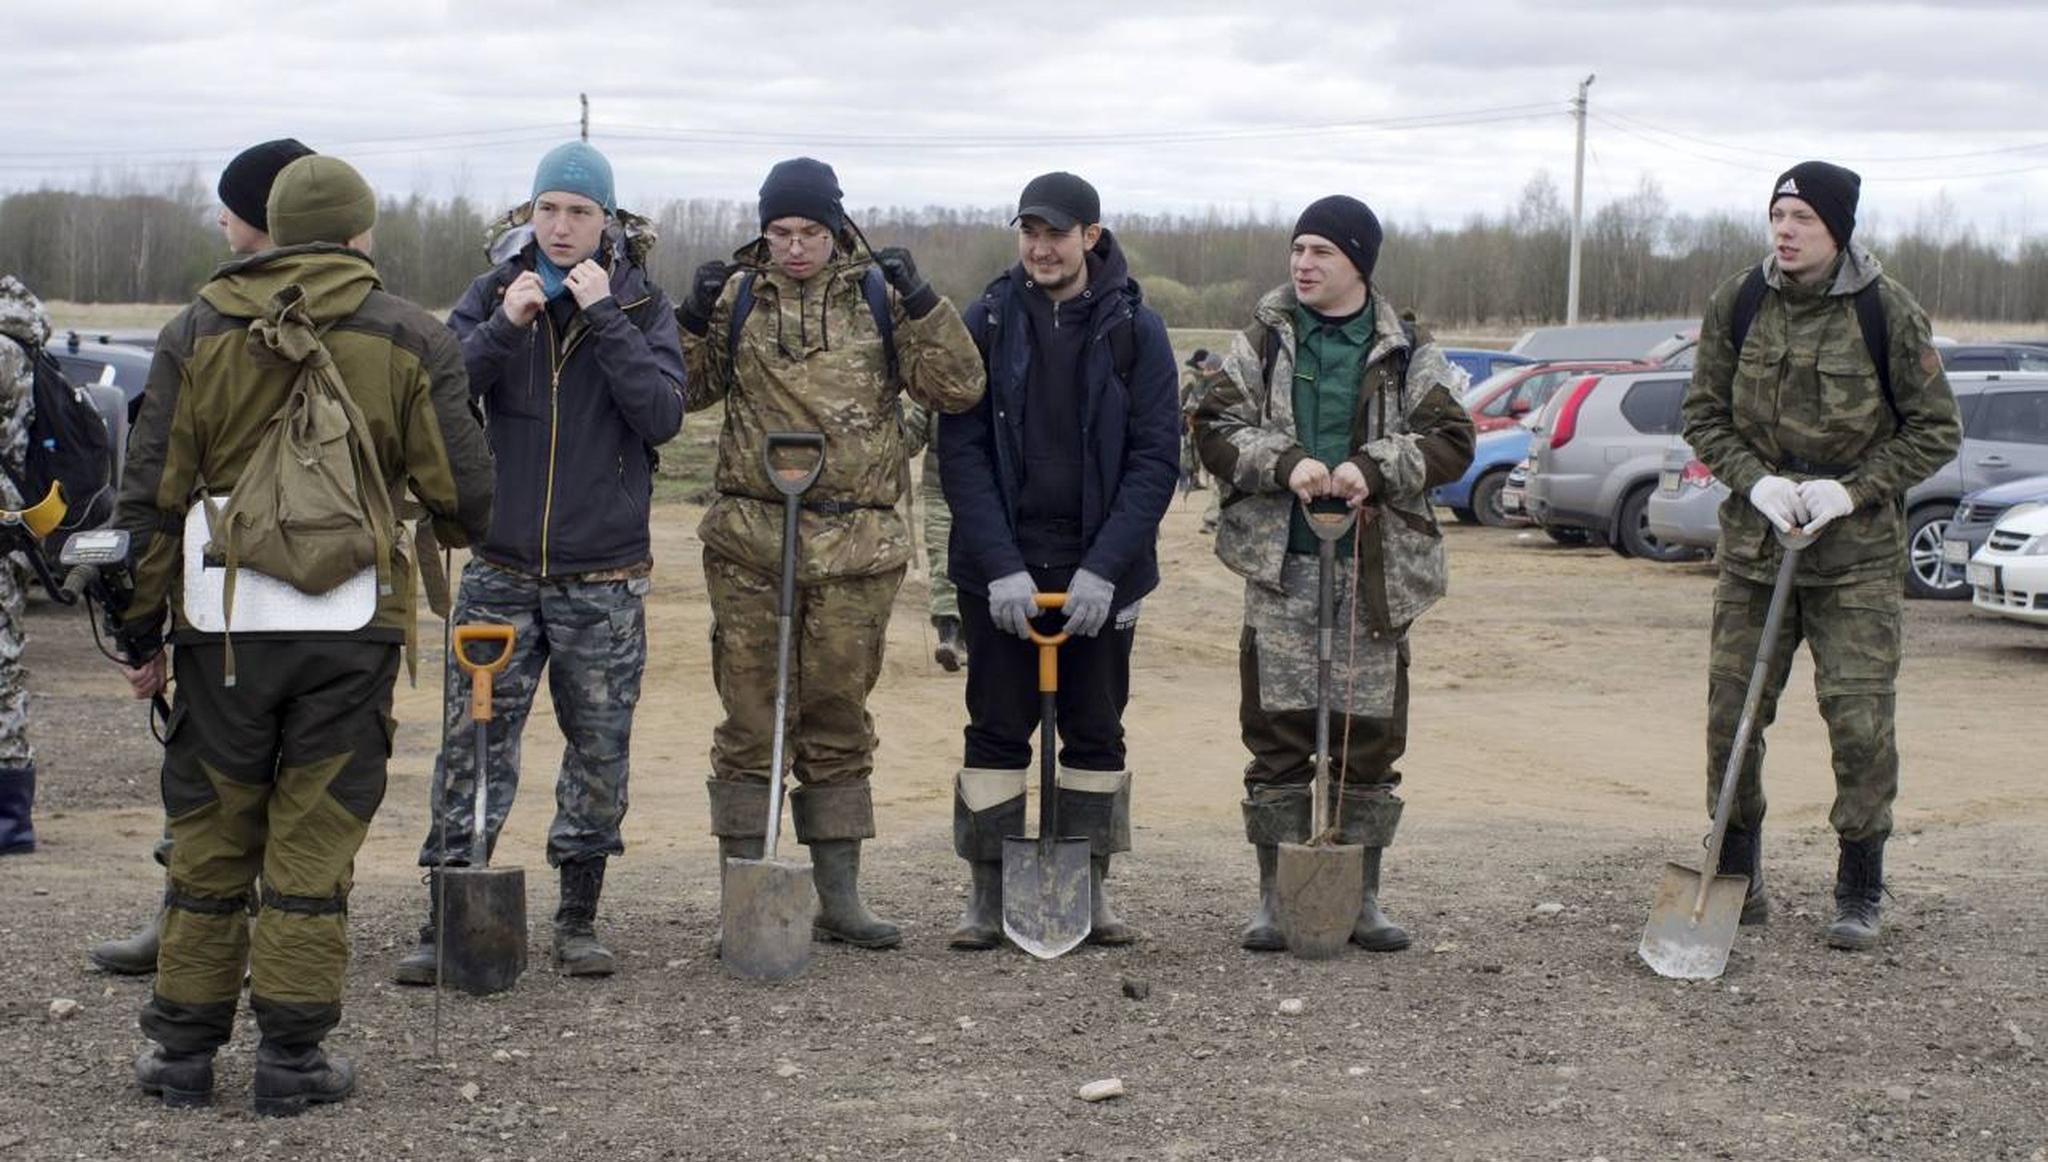 Участники экспедиции «Ржев. Калининский фронт» в Тверской области подняли останки 217 красноармейцев